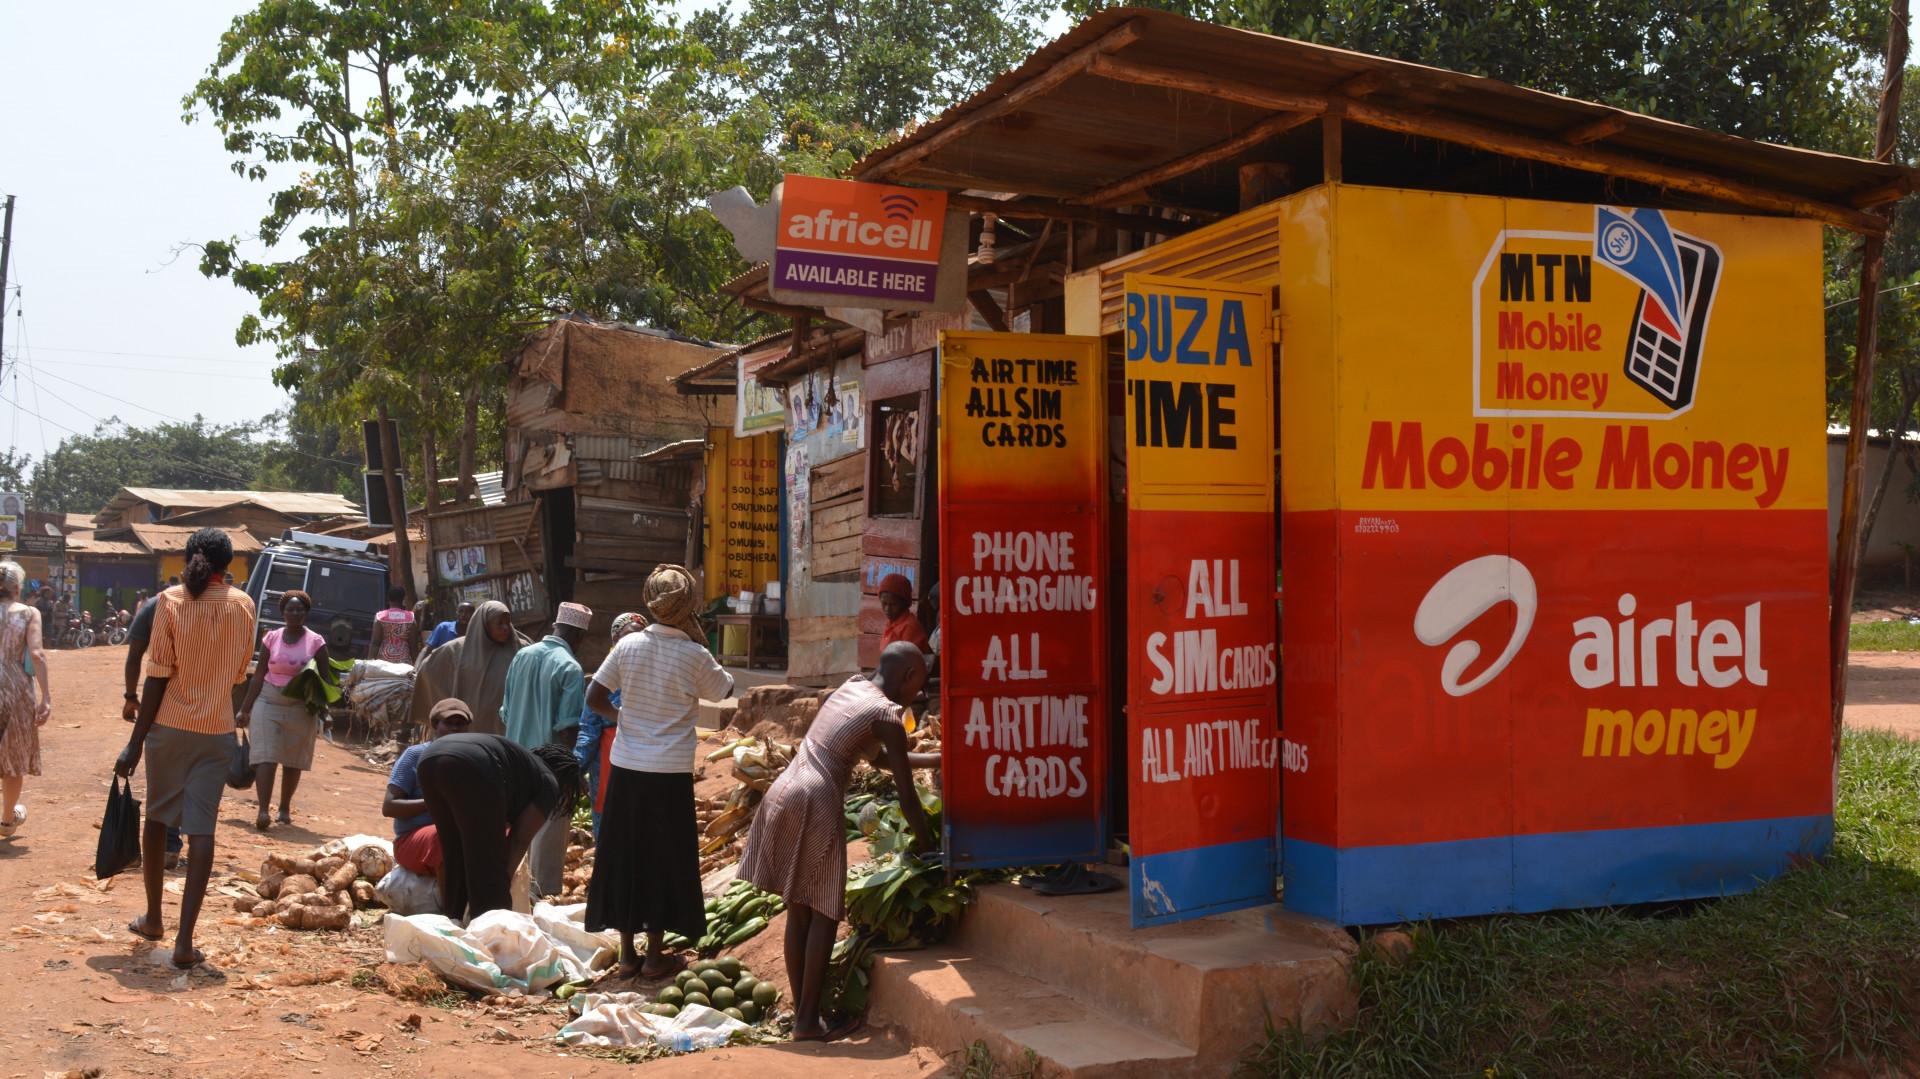 afrika smartphones verlieren marktanteile im mobil markt heise online. Black Bedroom Furniture Sets. Home Design Ideas